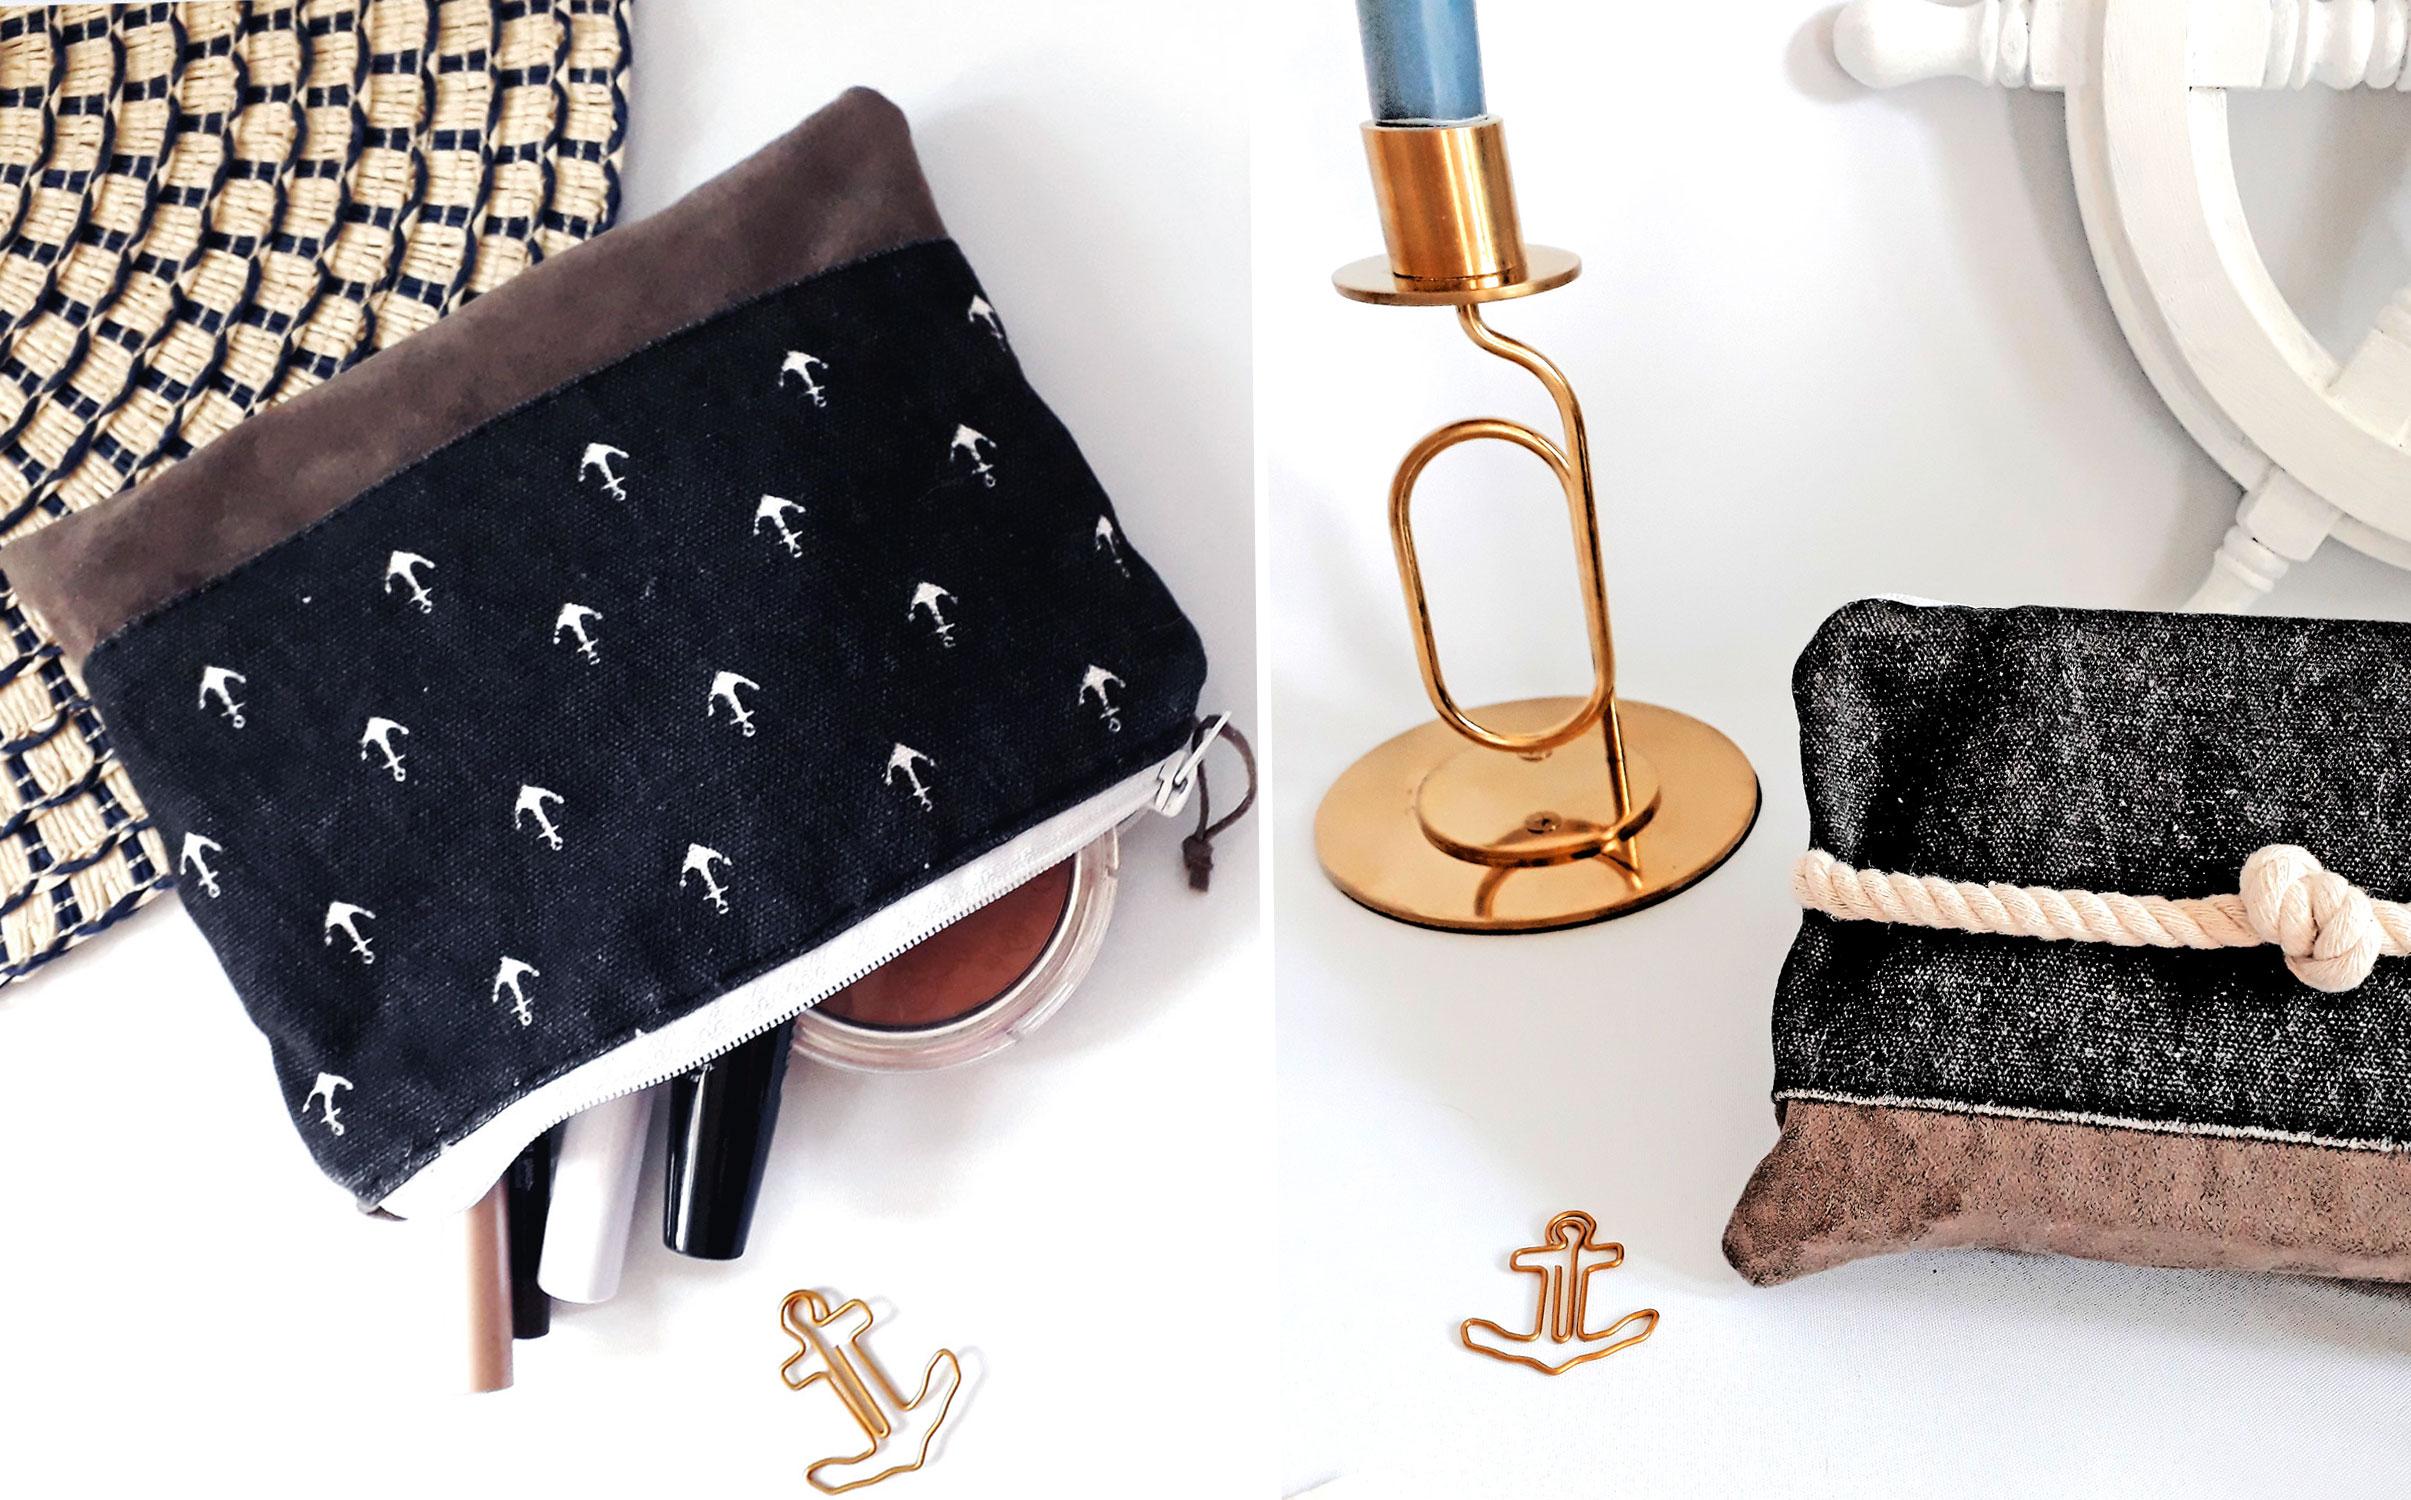 DIY Idee: Maritime Kosmetiktasche selber nähen